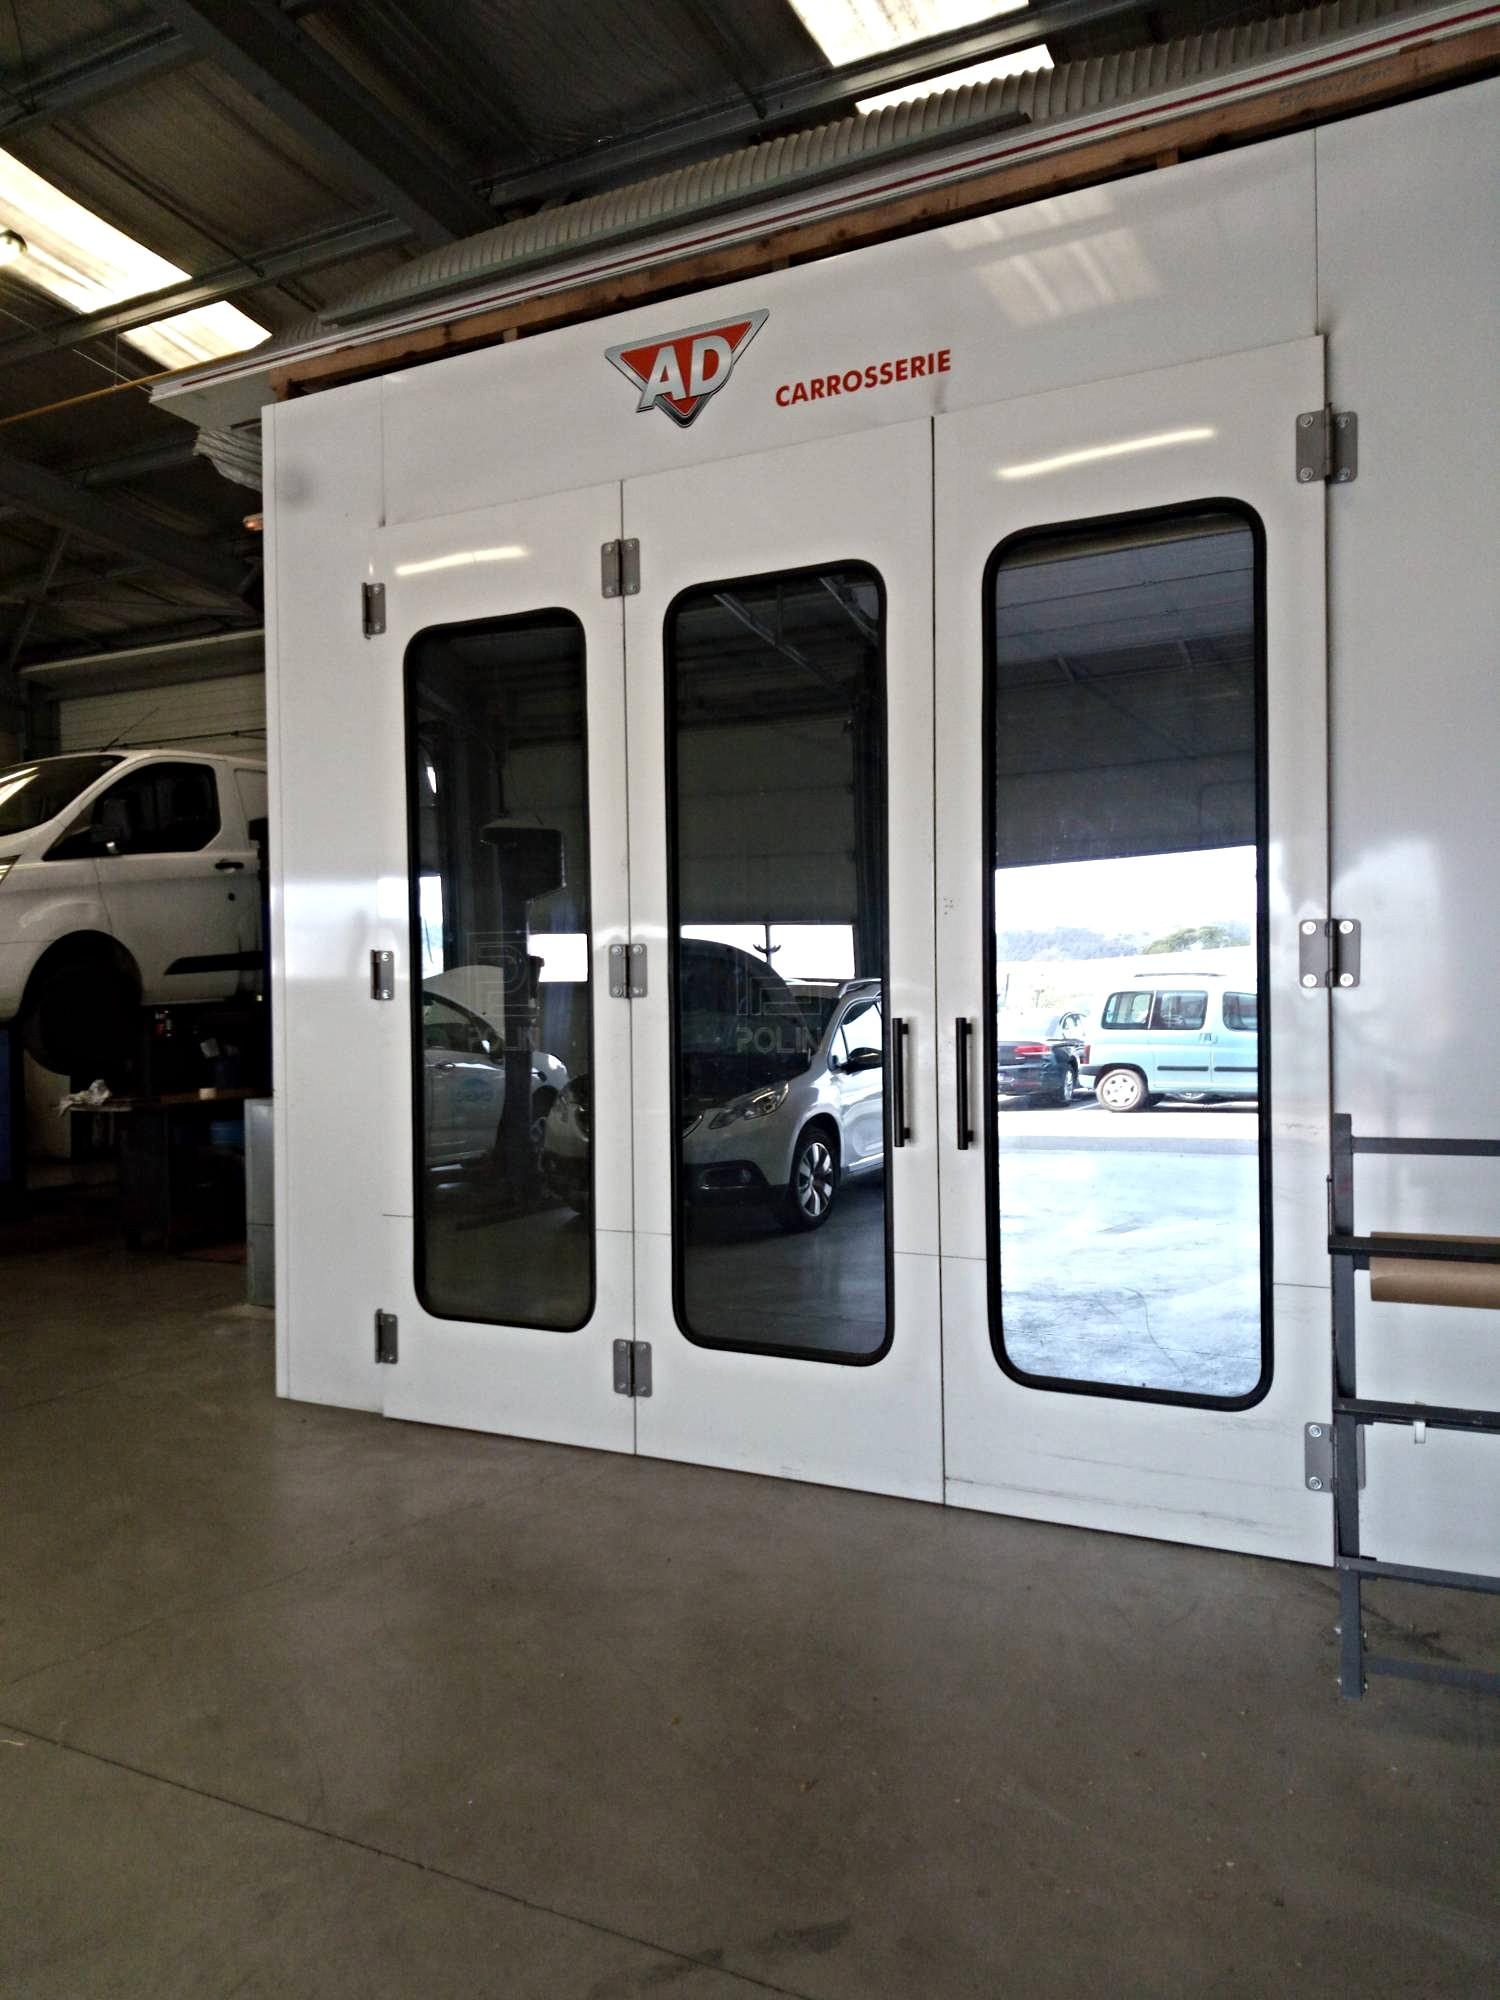 Carrosserie vitrolles garage pour r paration carrosserie voiture auto provence services - Garage peugeot vitrolles ...